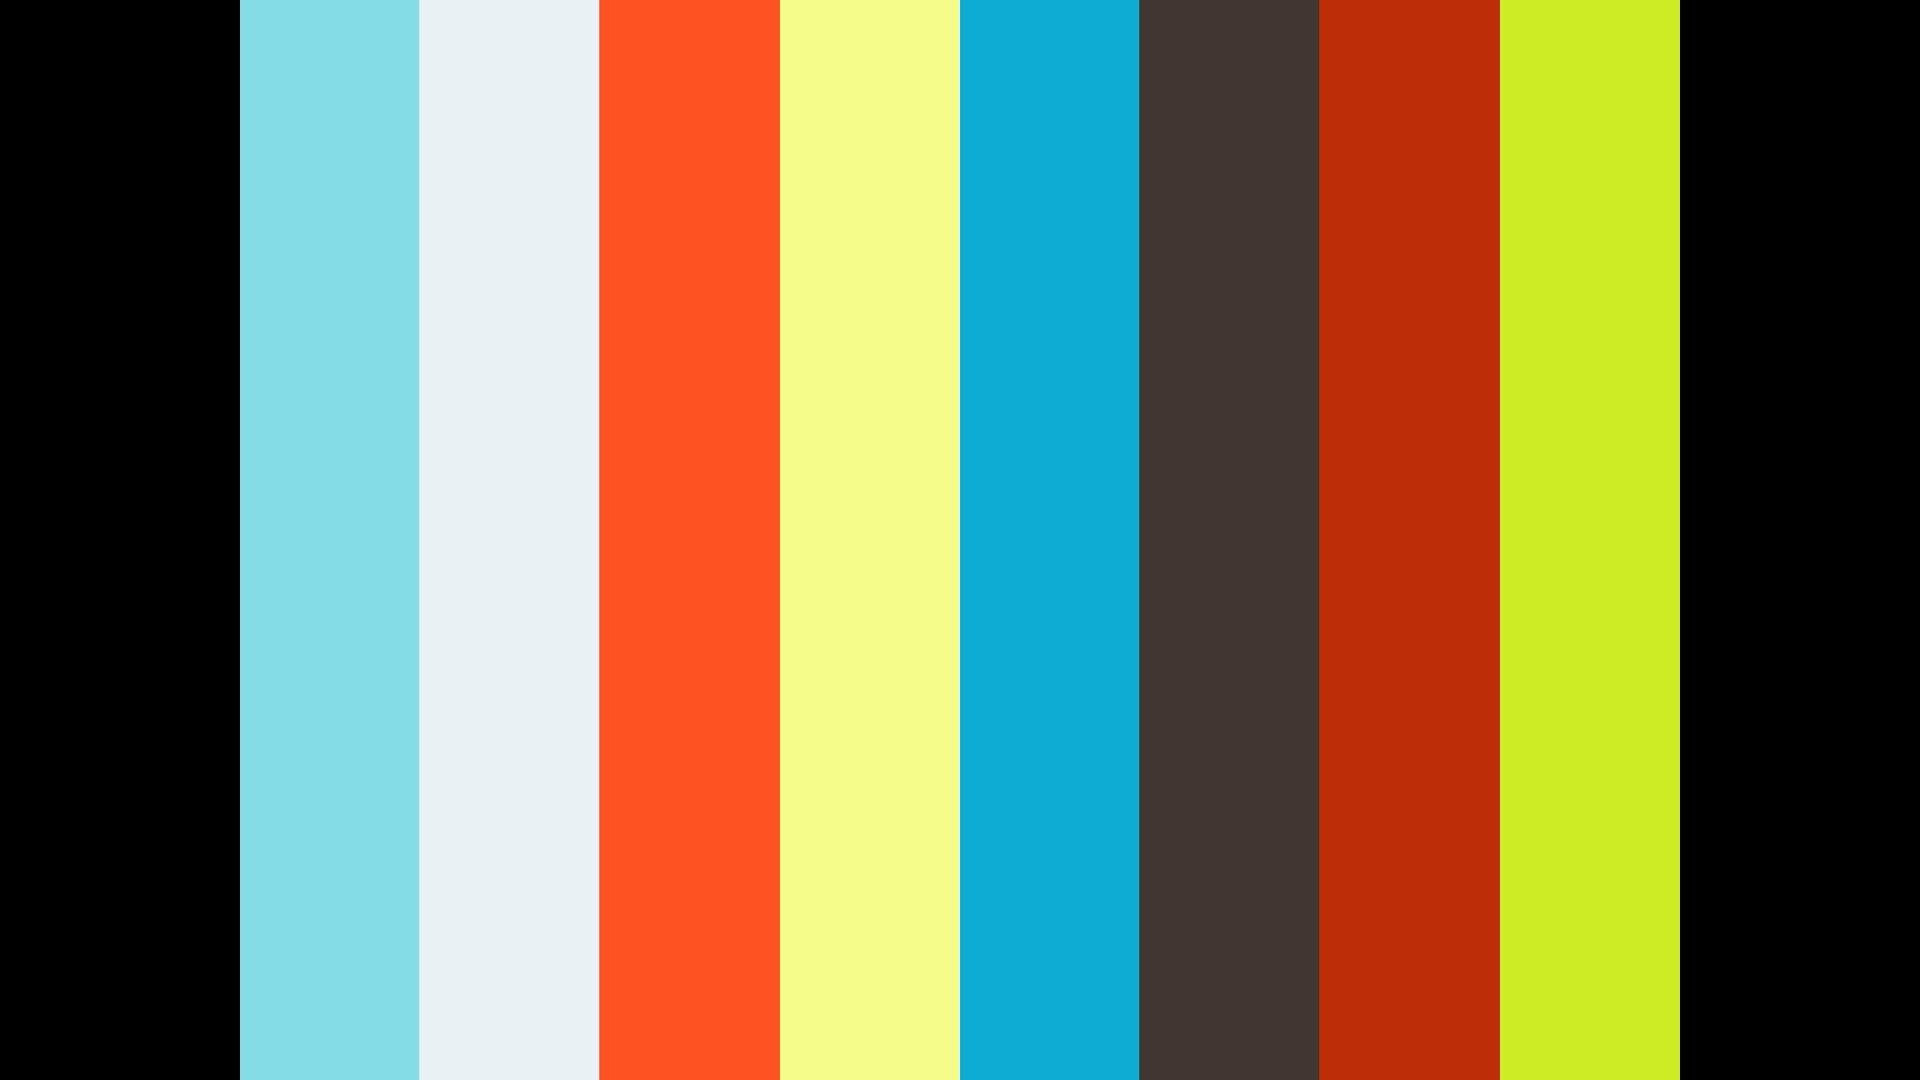 Geneva Colors For The Future